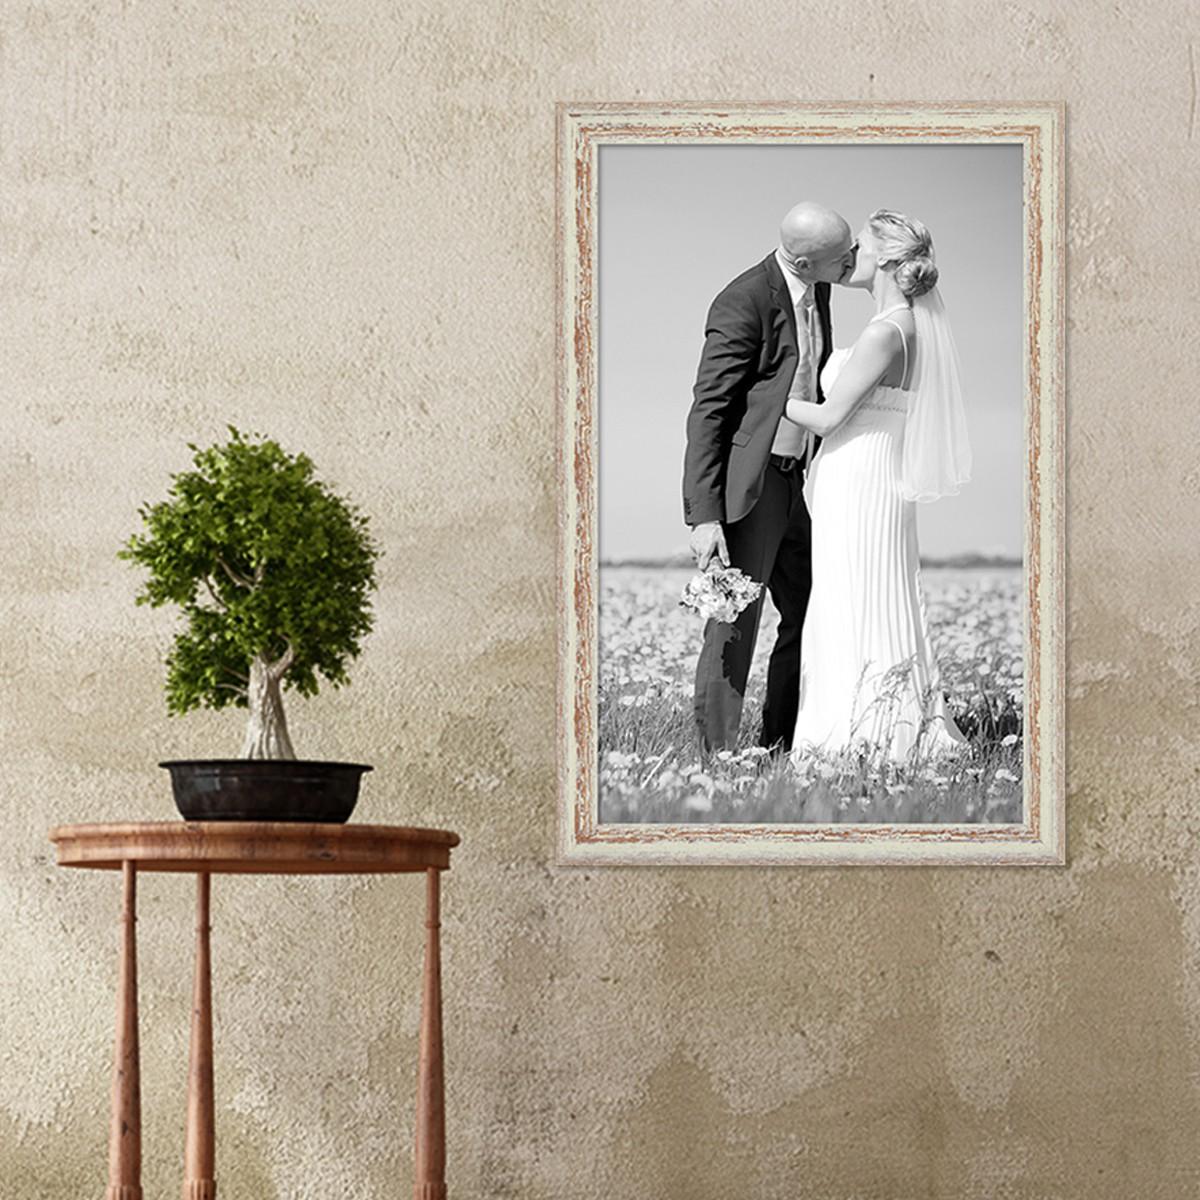 Sehr Gut Bilderrahmen 40x60 cm Weiss Shabby-Chic Vintage Massivholz mit  XX94